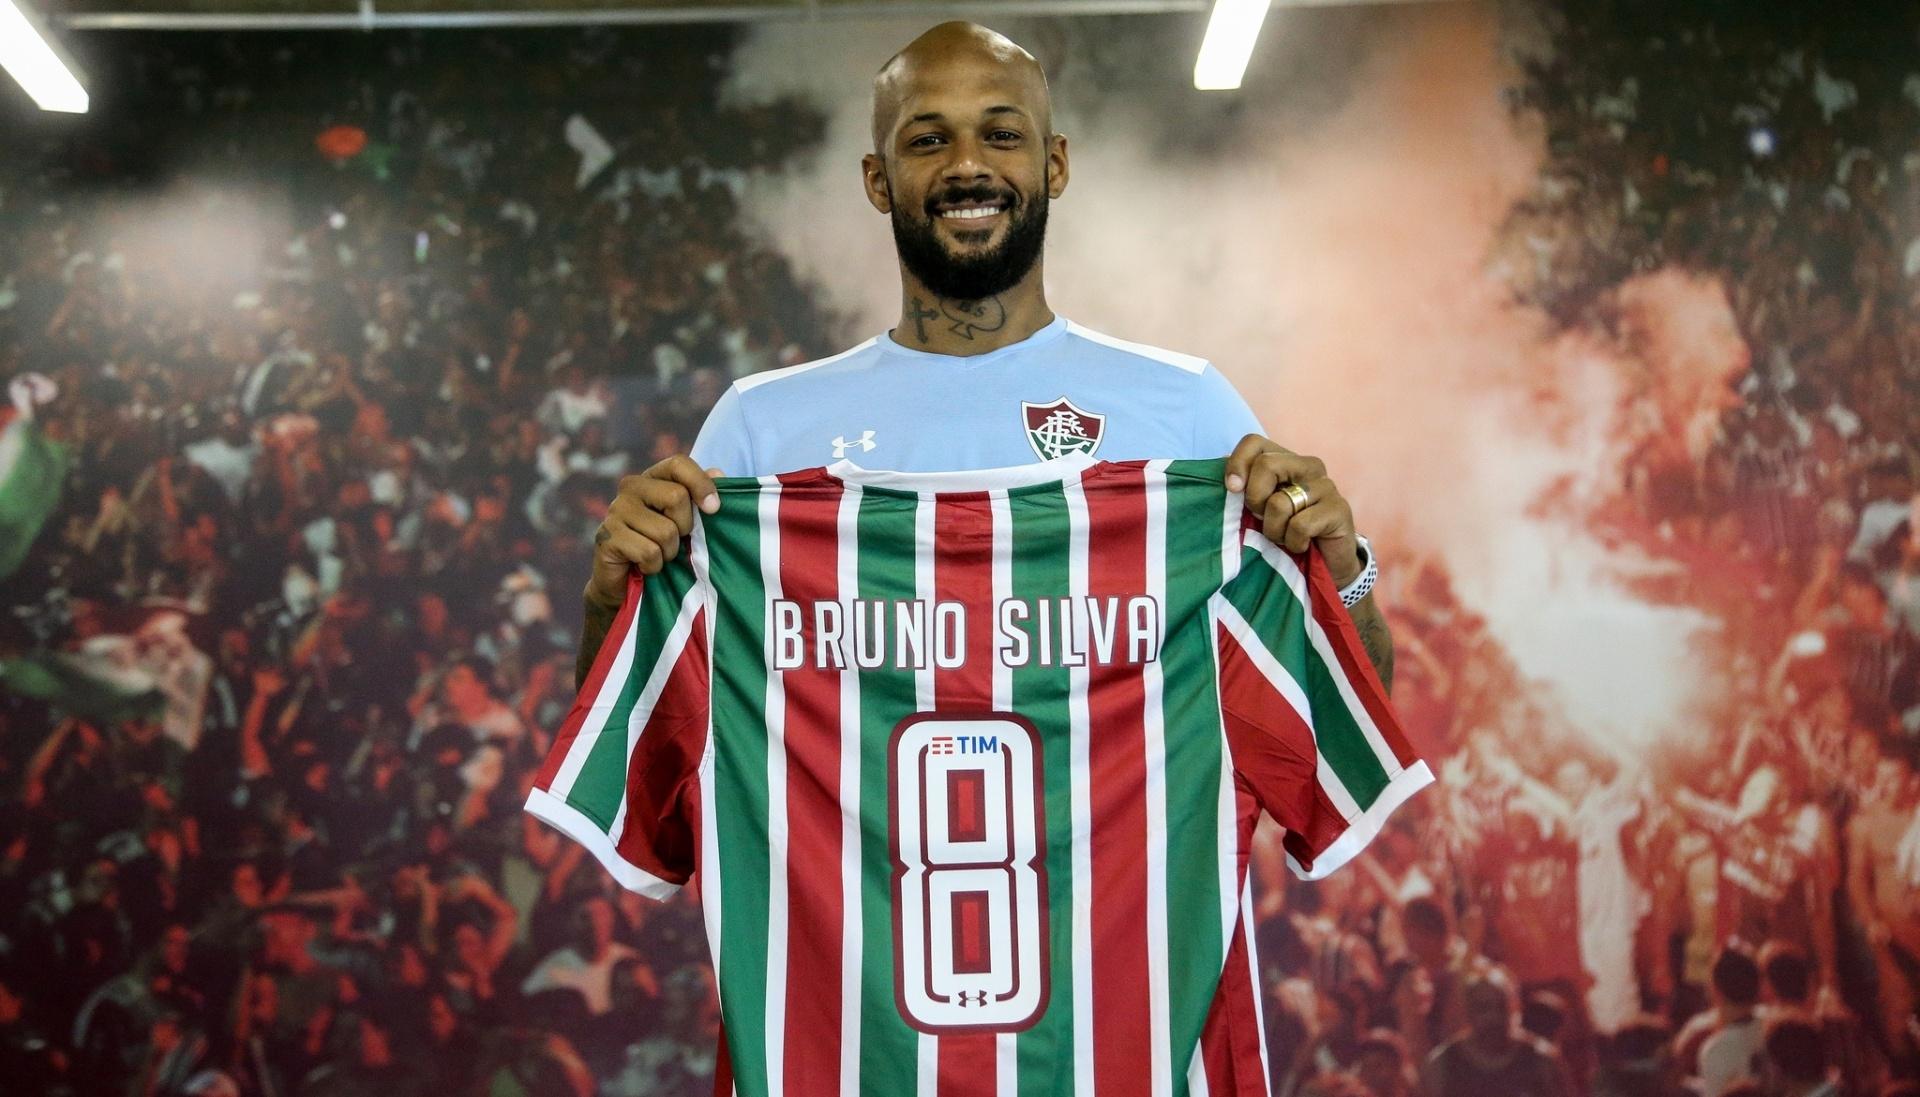 Bruno Silva chega ao Flu e promete reviver bons momentos de Botafogo -  Esporte - BOL c7ceb11d00467